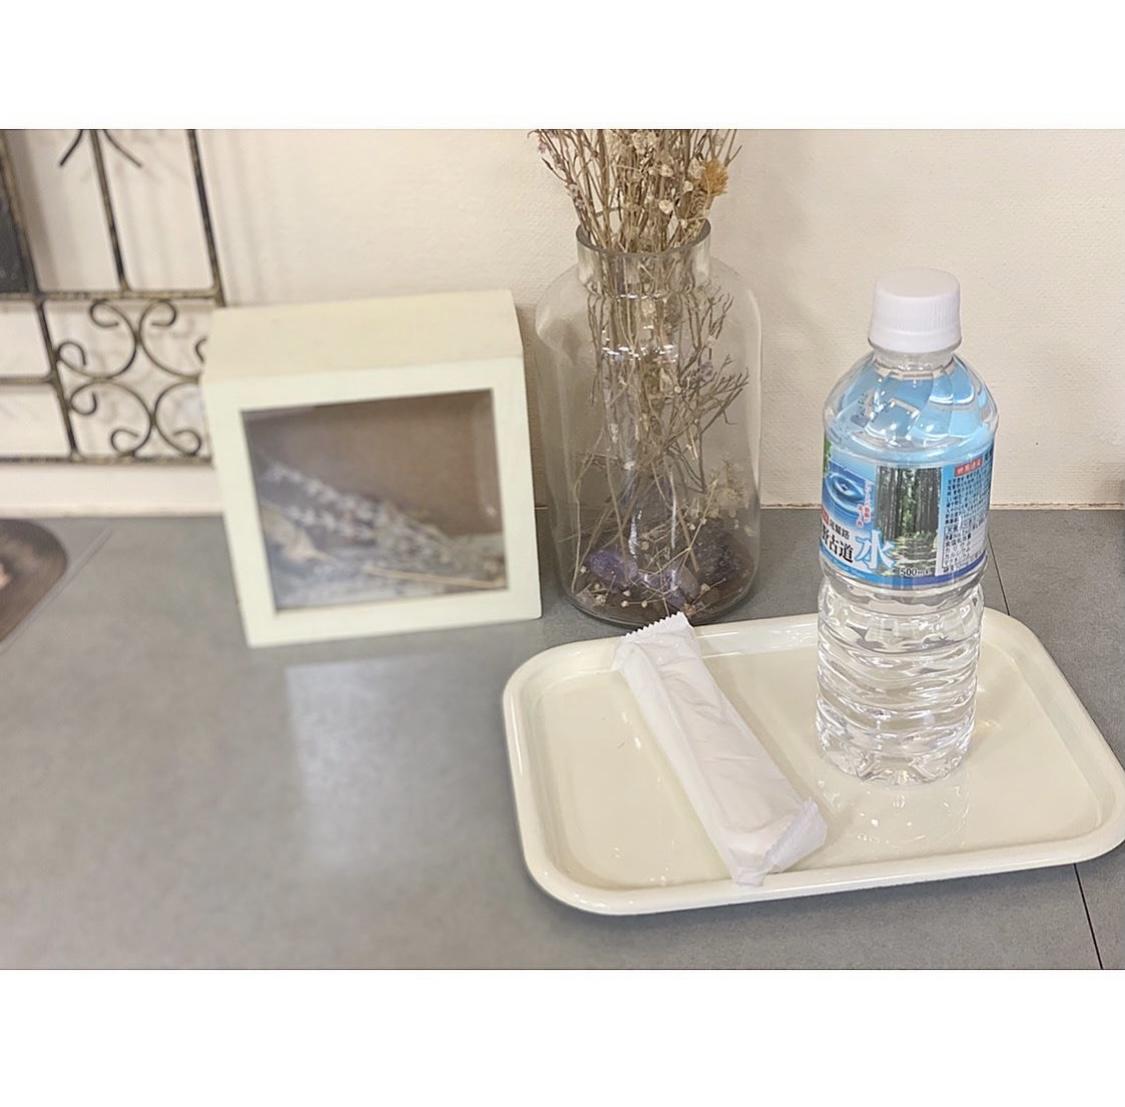 【コロナ対策】水分補給